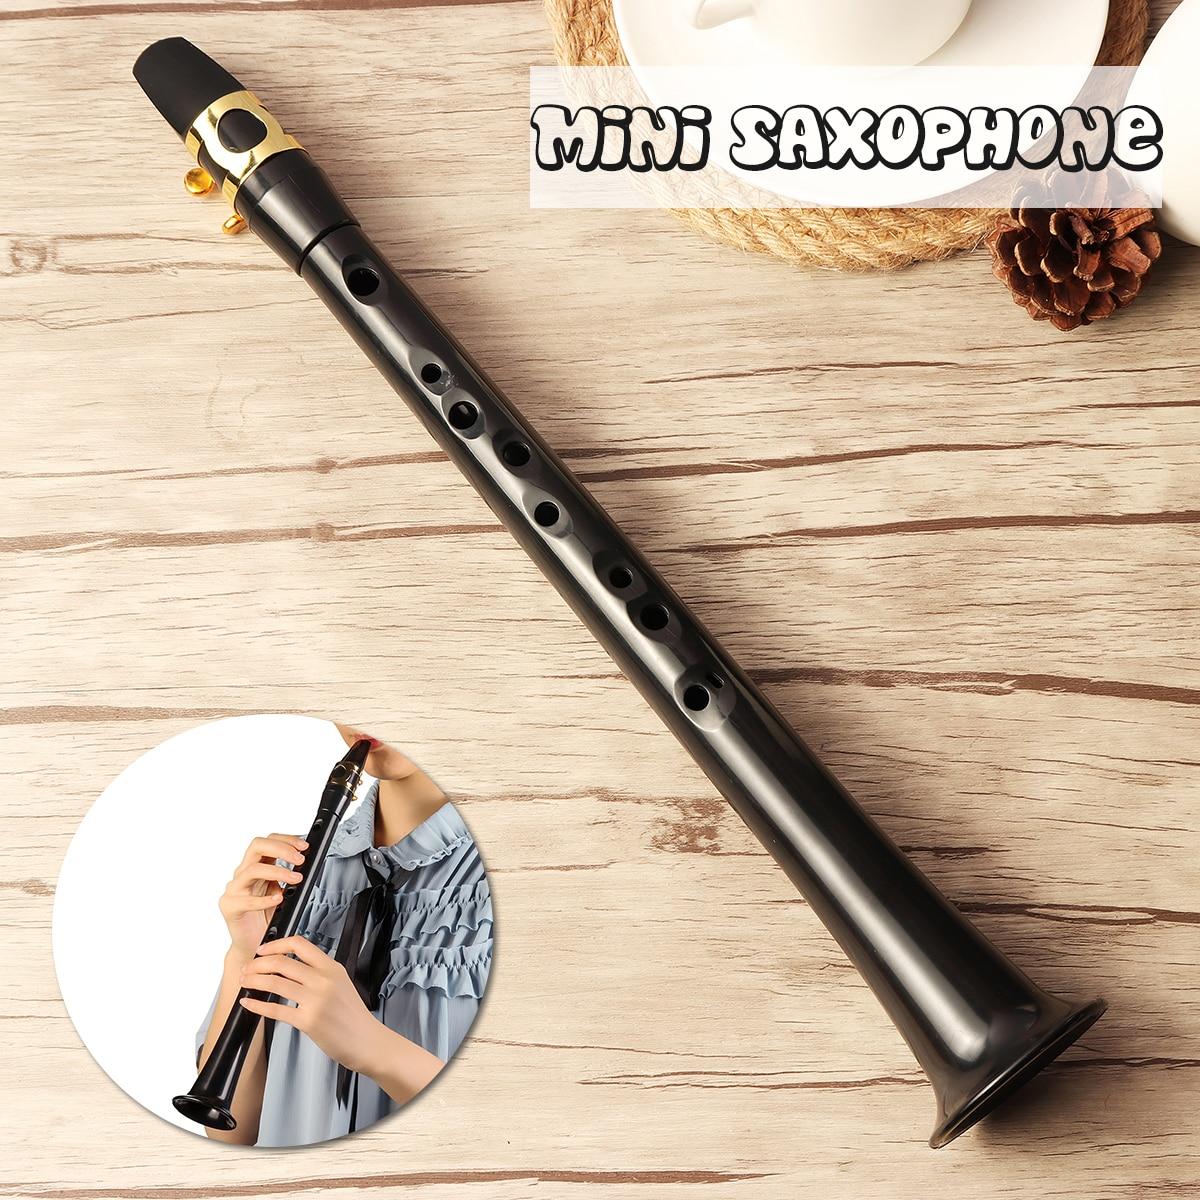 Preto LittleSax Sax Mini C Chave Instrumentos Musicais Sax Saxofone ABS Leve Portátil com Bolsa de Transporte para Iniciante